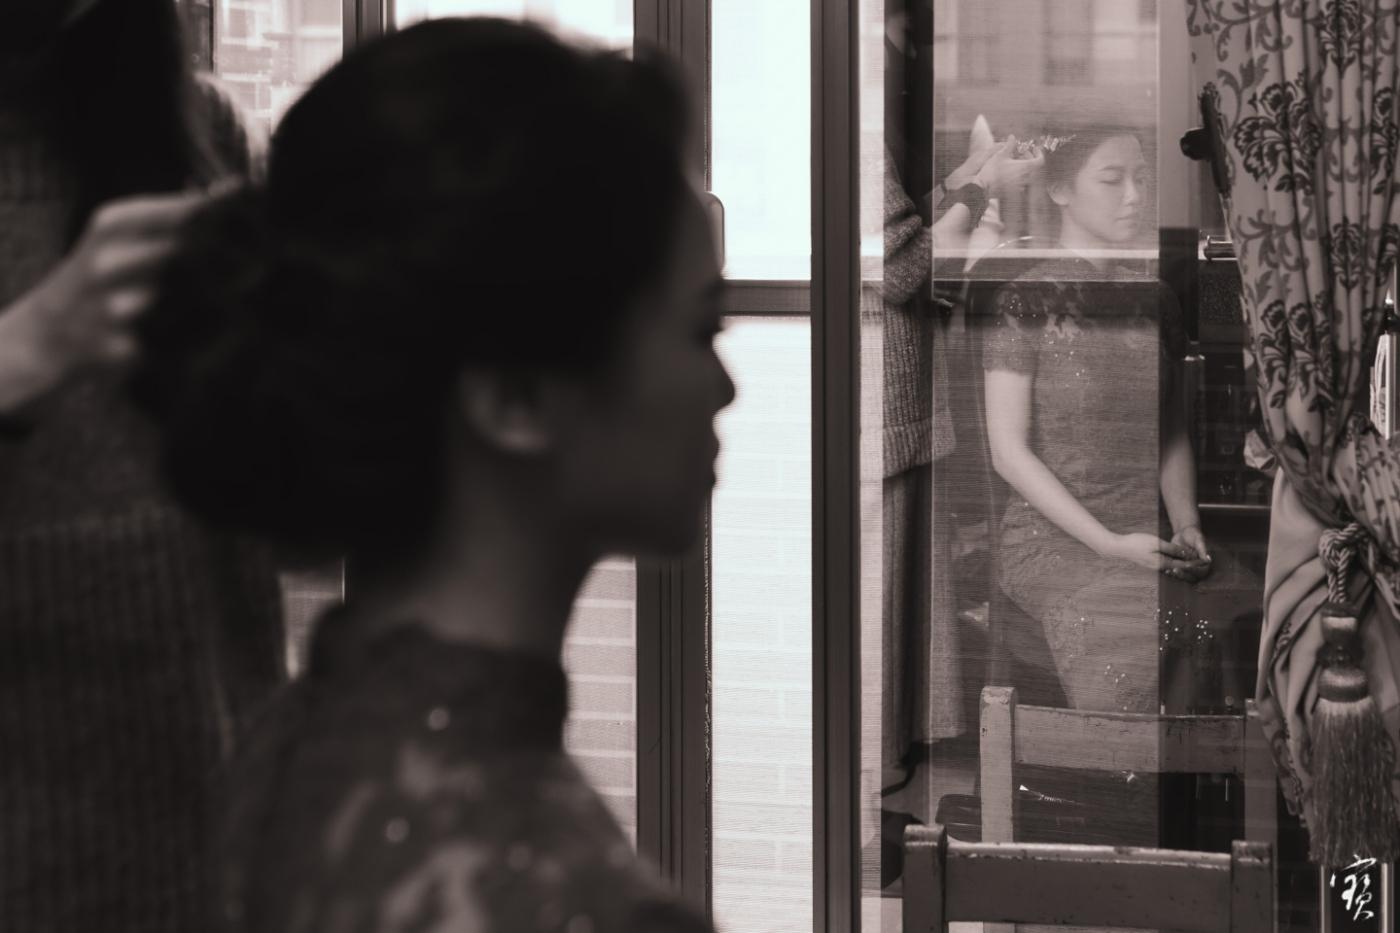 婚禮攝影 婚紗 大直 典華 冬半影像 攝影師大寶 北部攝影 台北攝影 桃園攝影 新竹攝影20181208-24